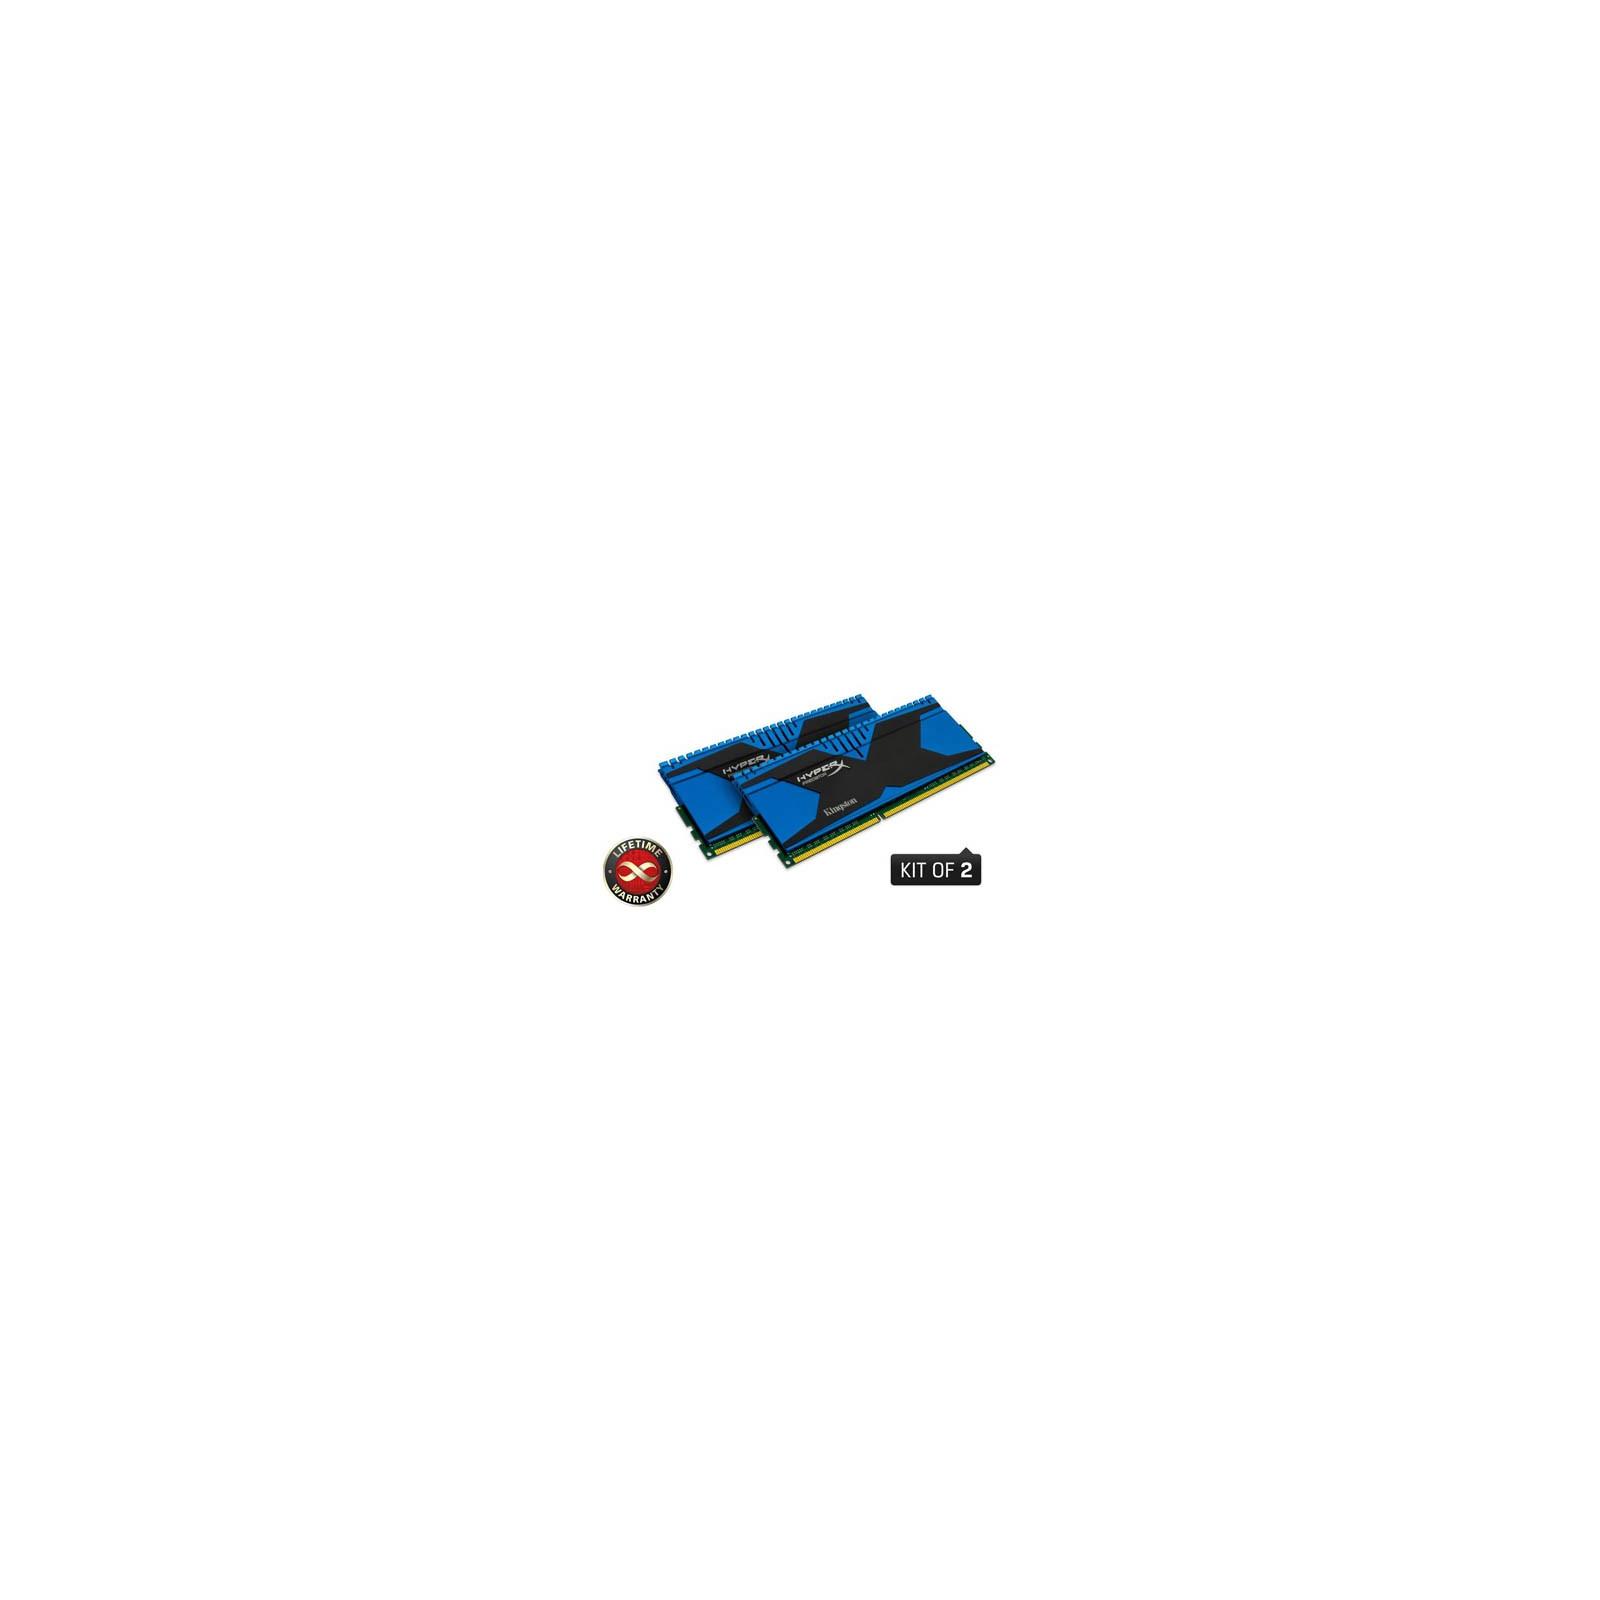 Модуль памяти для компьютера DDR3 8GB (2x4GB) 2133 MHz Kingston (KHX21C11T2K2/8X)